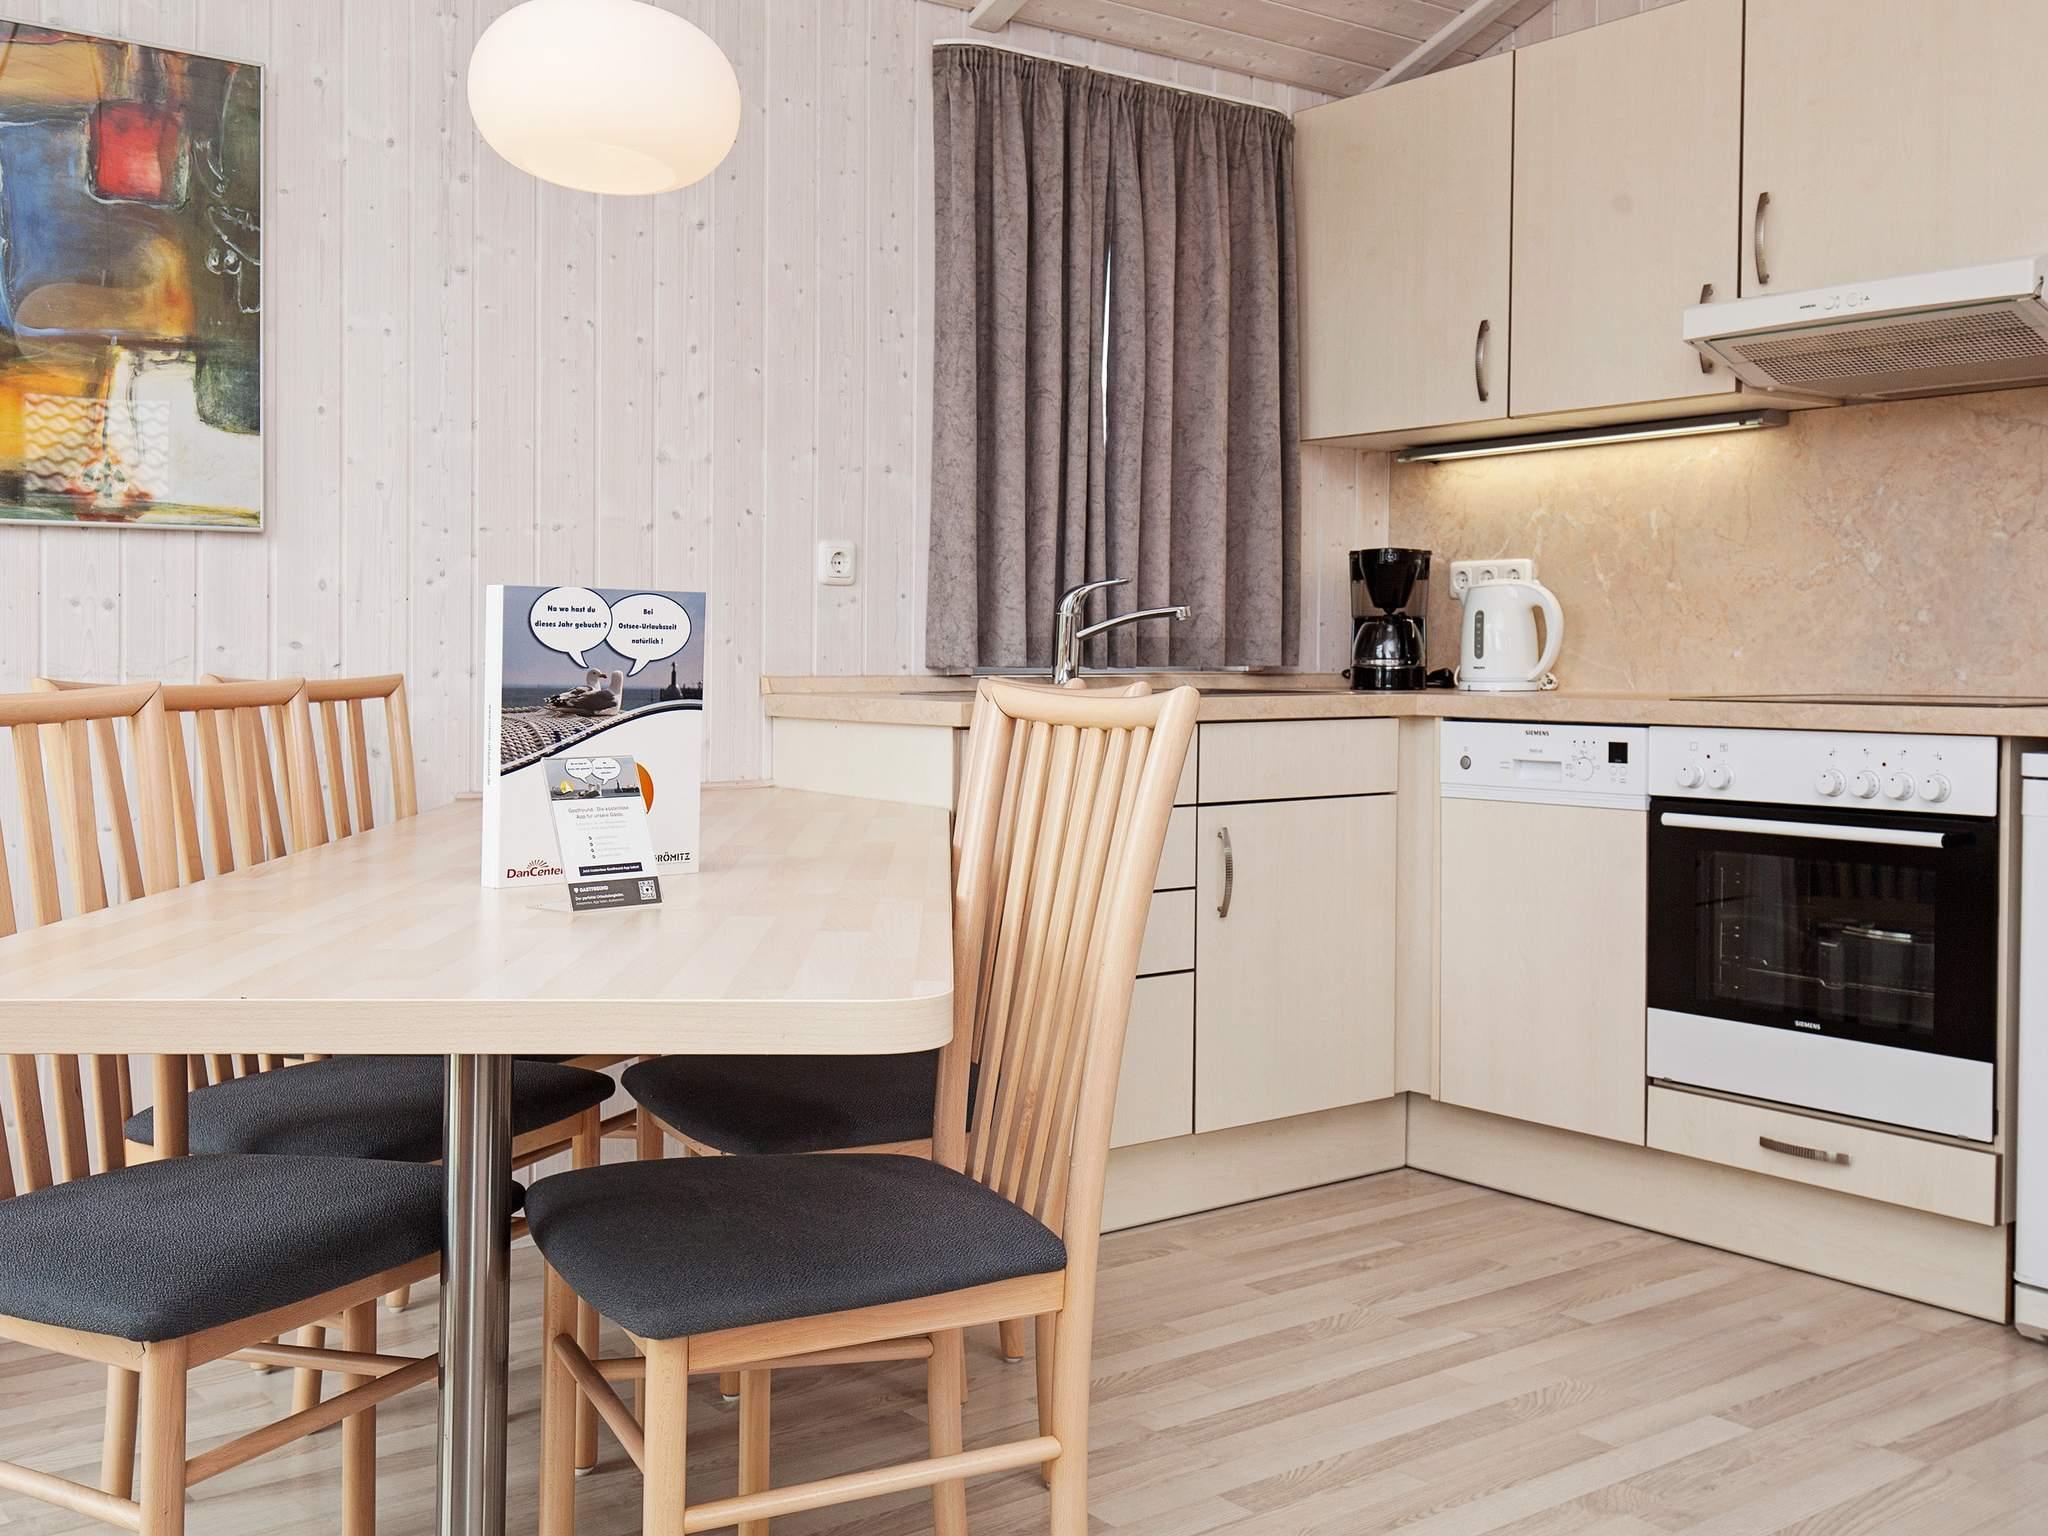 Maison de vacances Grömitz (436444), Grömitz, Baie de Lübeck, Schleswig-Holstein, Allemagne, image 5